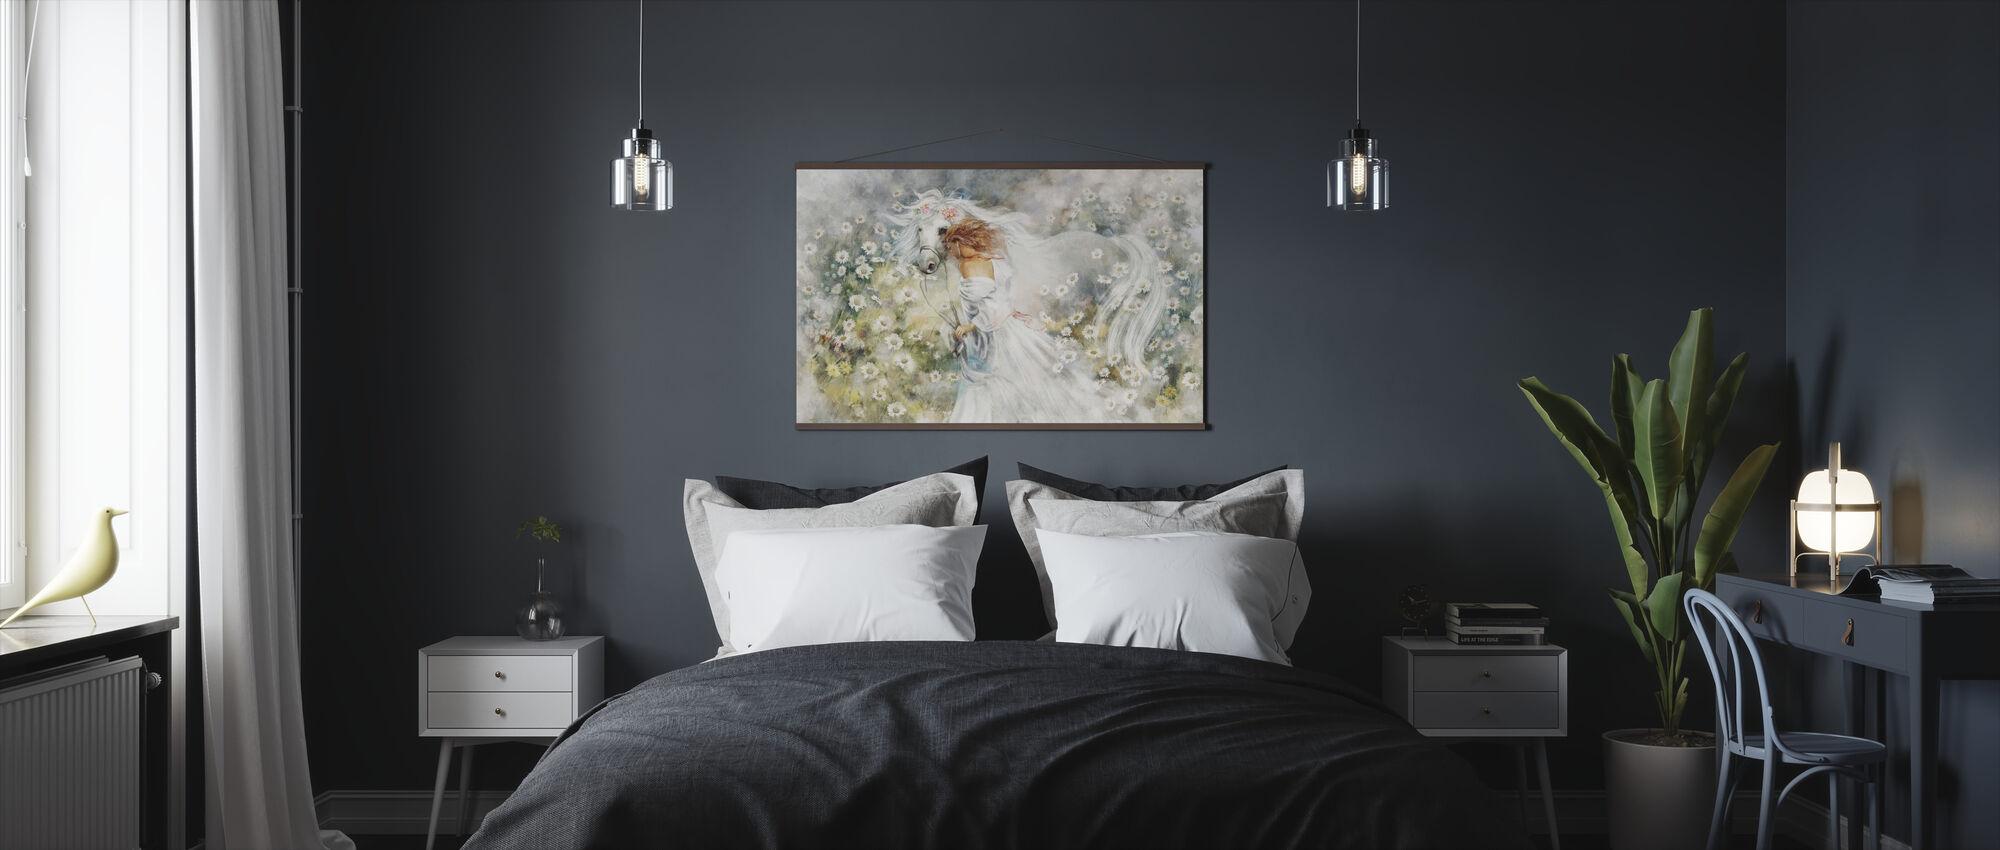 Best Friends - Poster - Bedroom